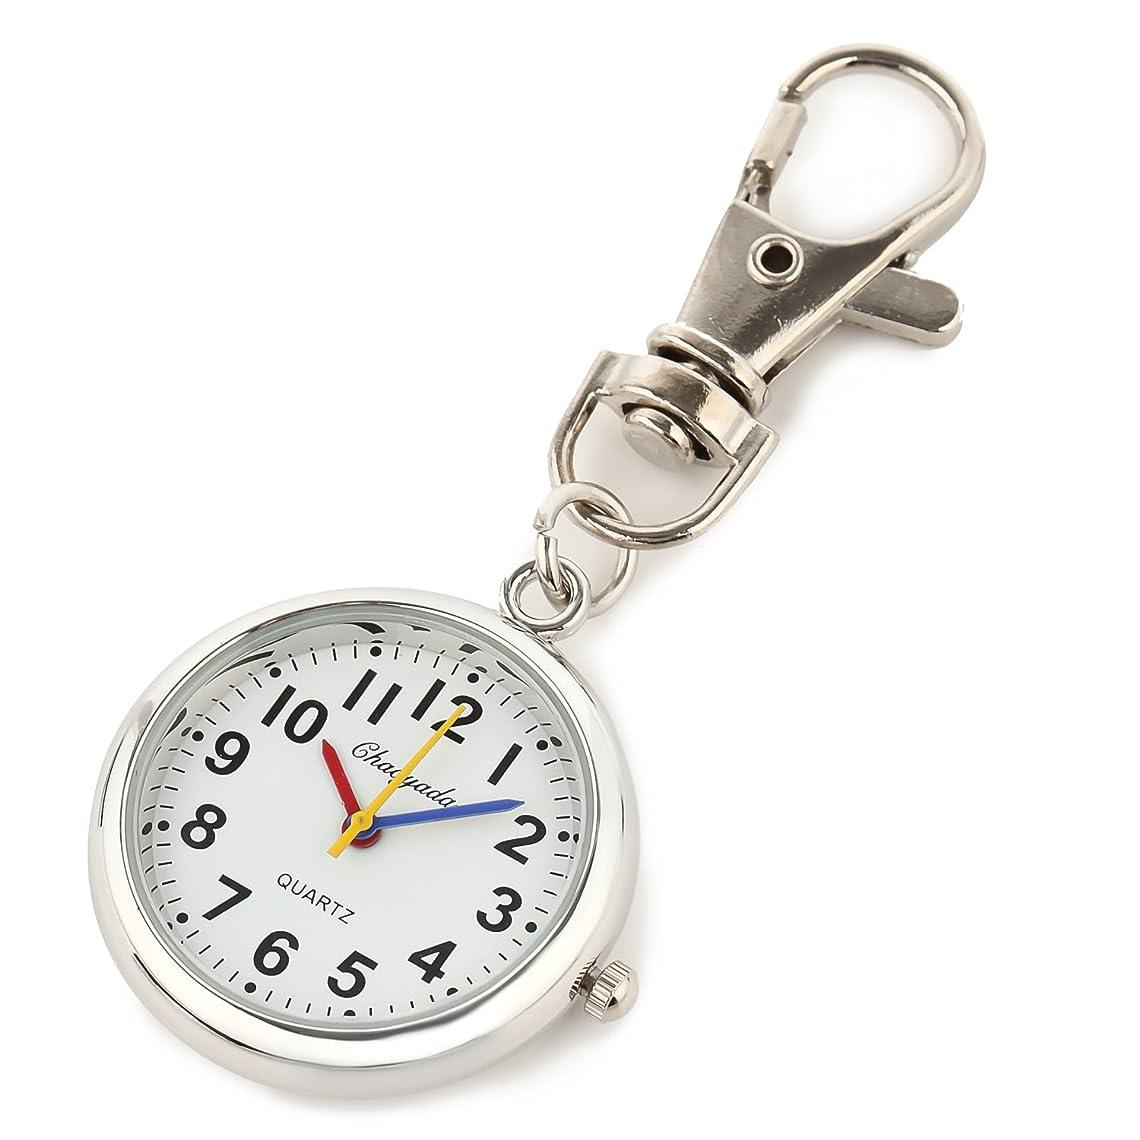 トレッド無心結果【クロノシア】懐中時計 手巻き アンティーク 機械式 スケルトン メンズ チェーン付き